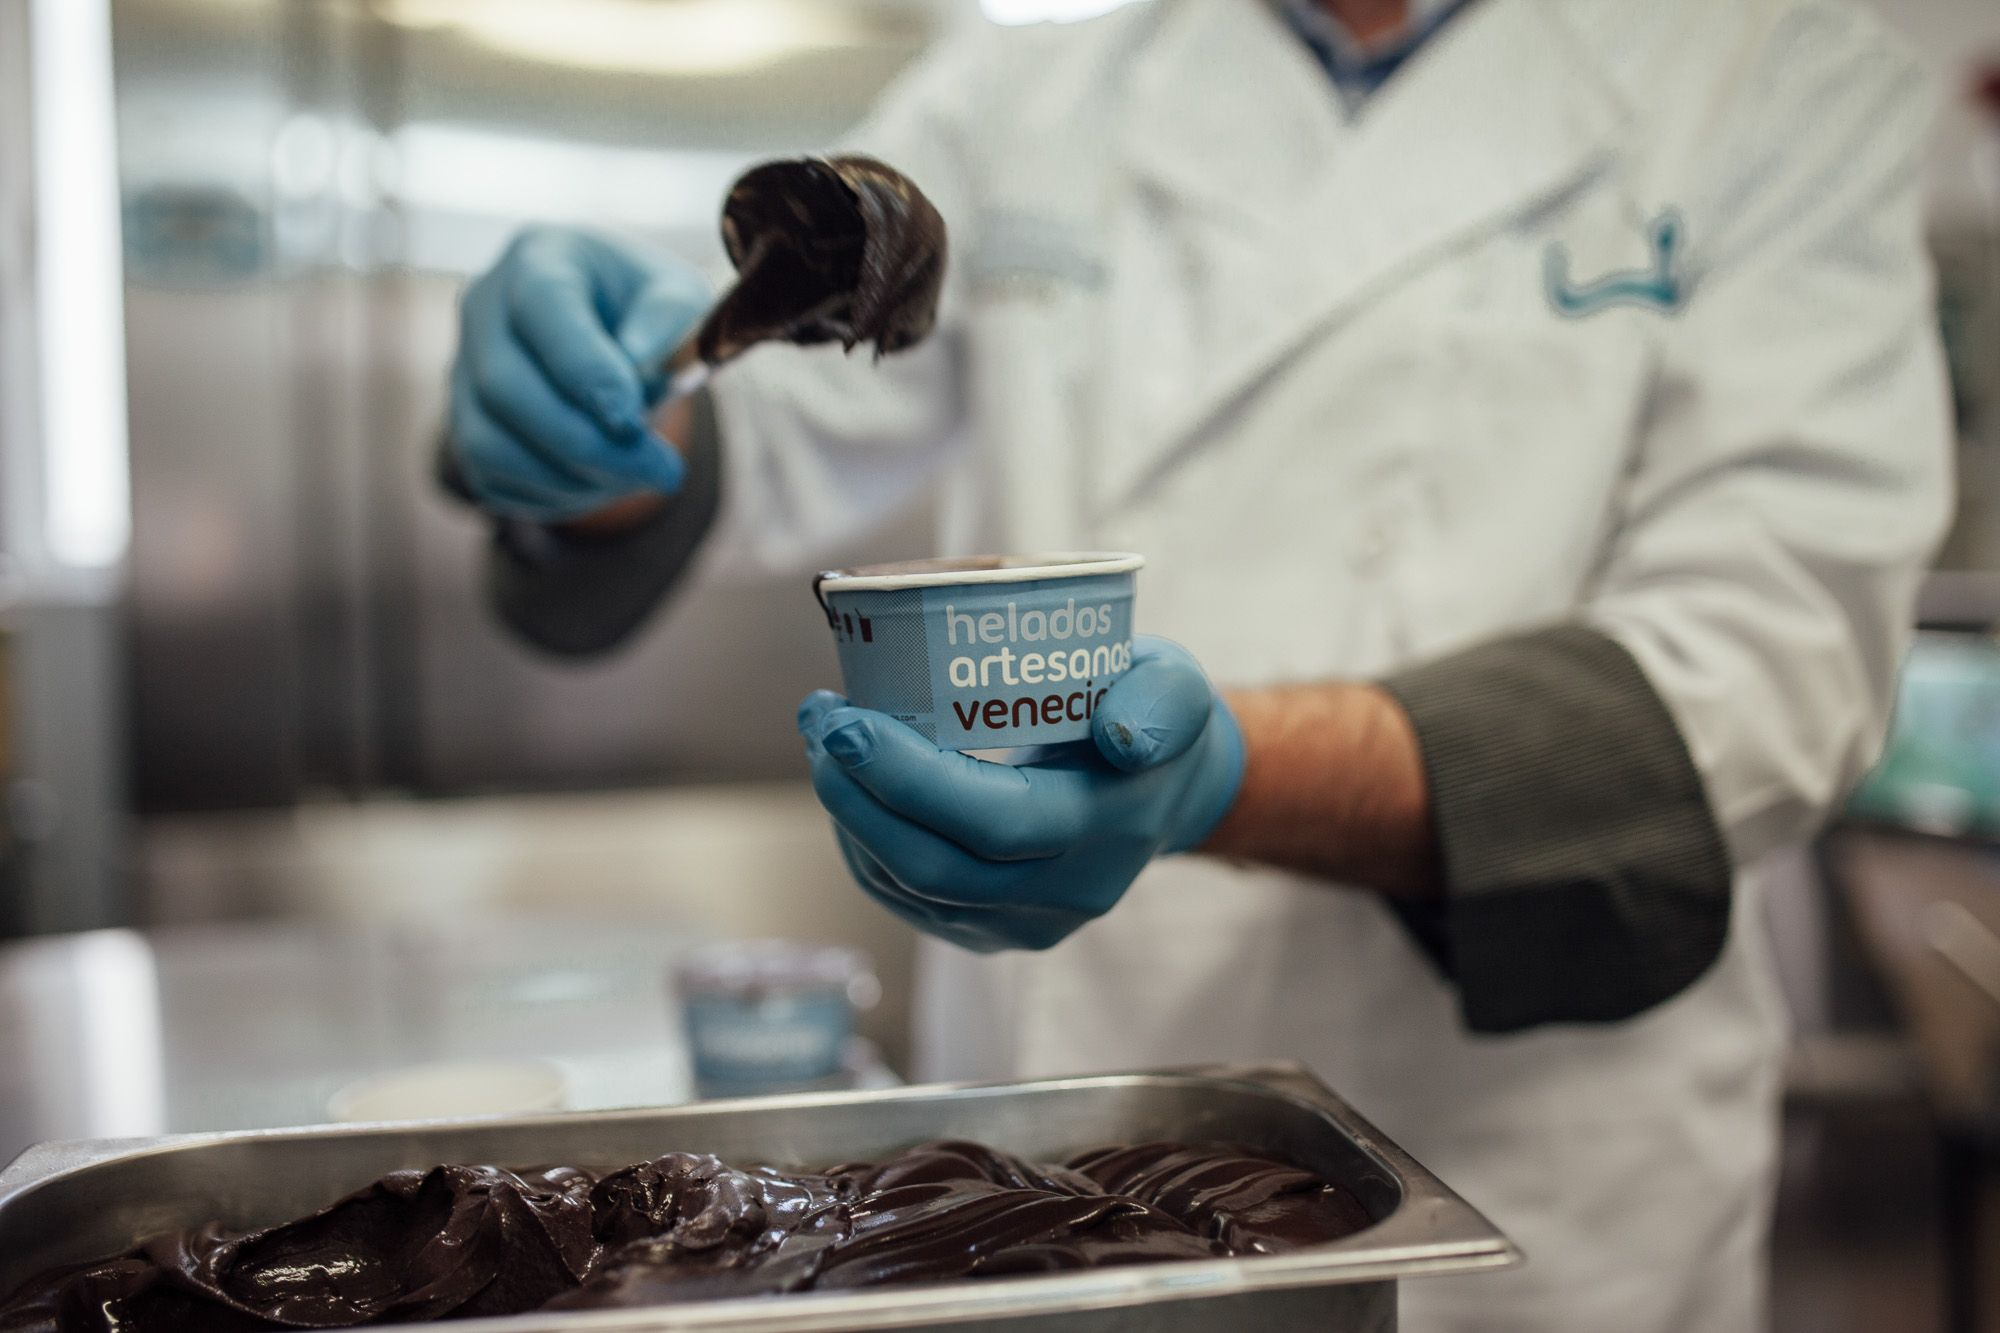 Heladeria Artesana Venecia, nuestros helados están elaborados de forma artesanal, también para alérgicos, intolerantes o veganos. Mazarron, Bahia y Bolnuevo